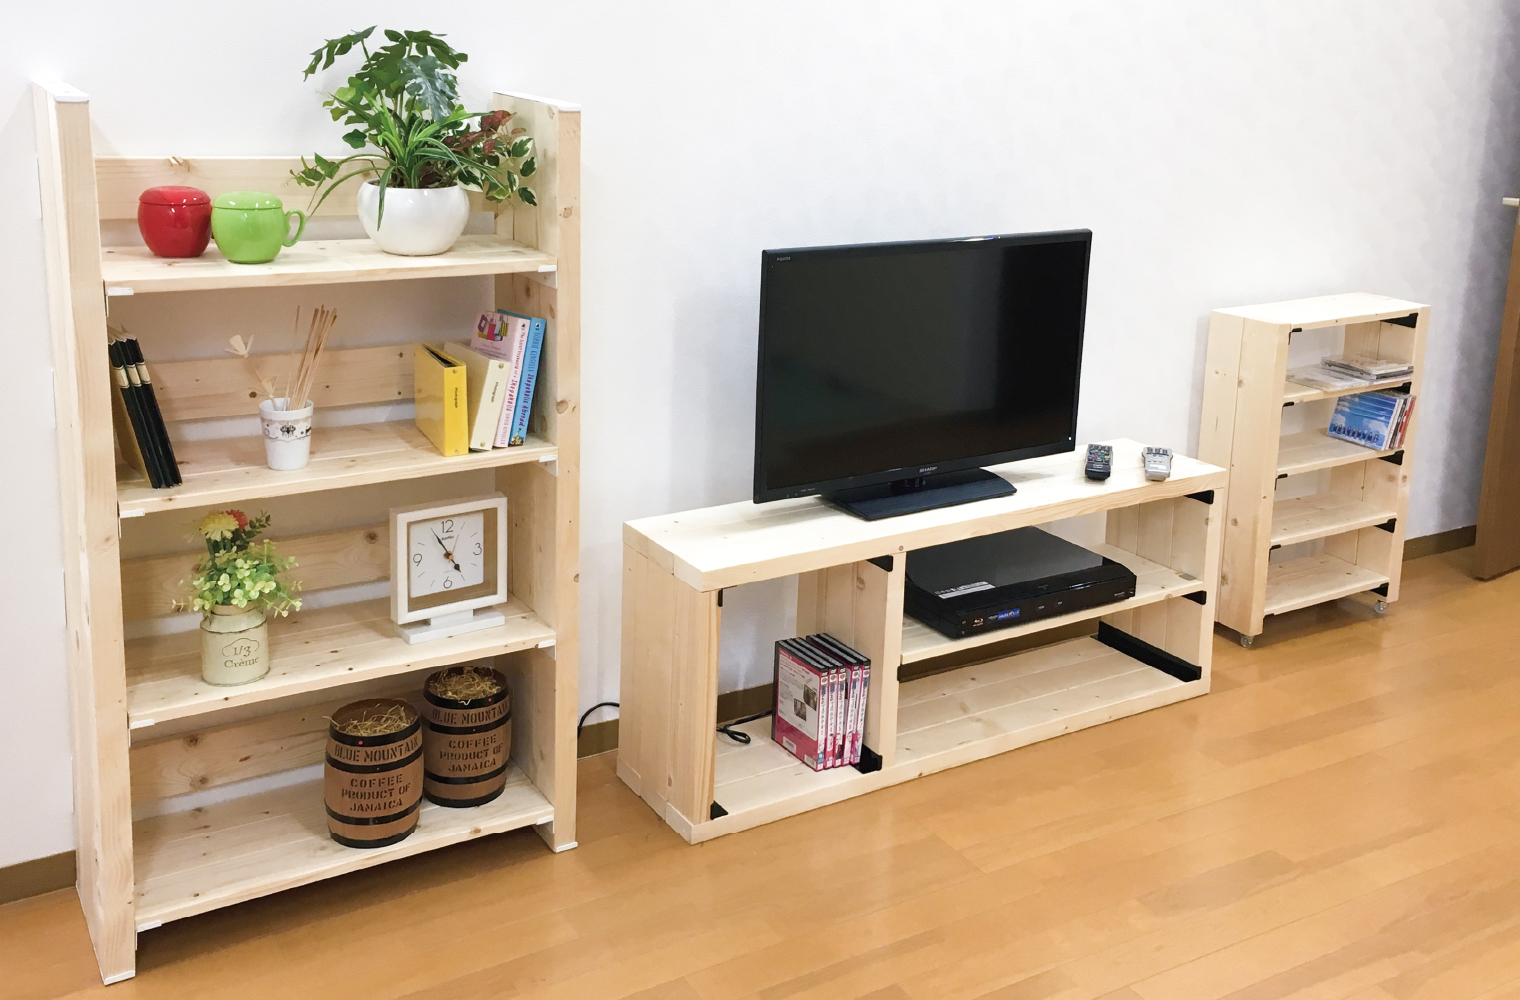 ウォリストで作った小型家具